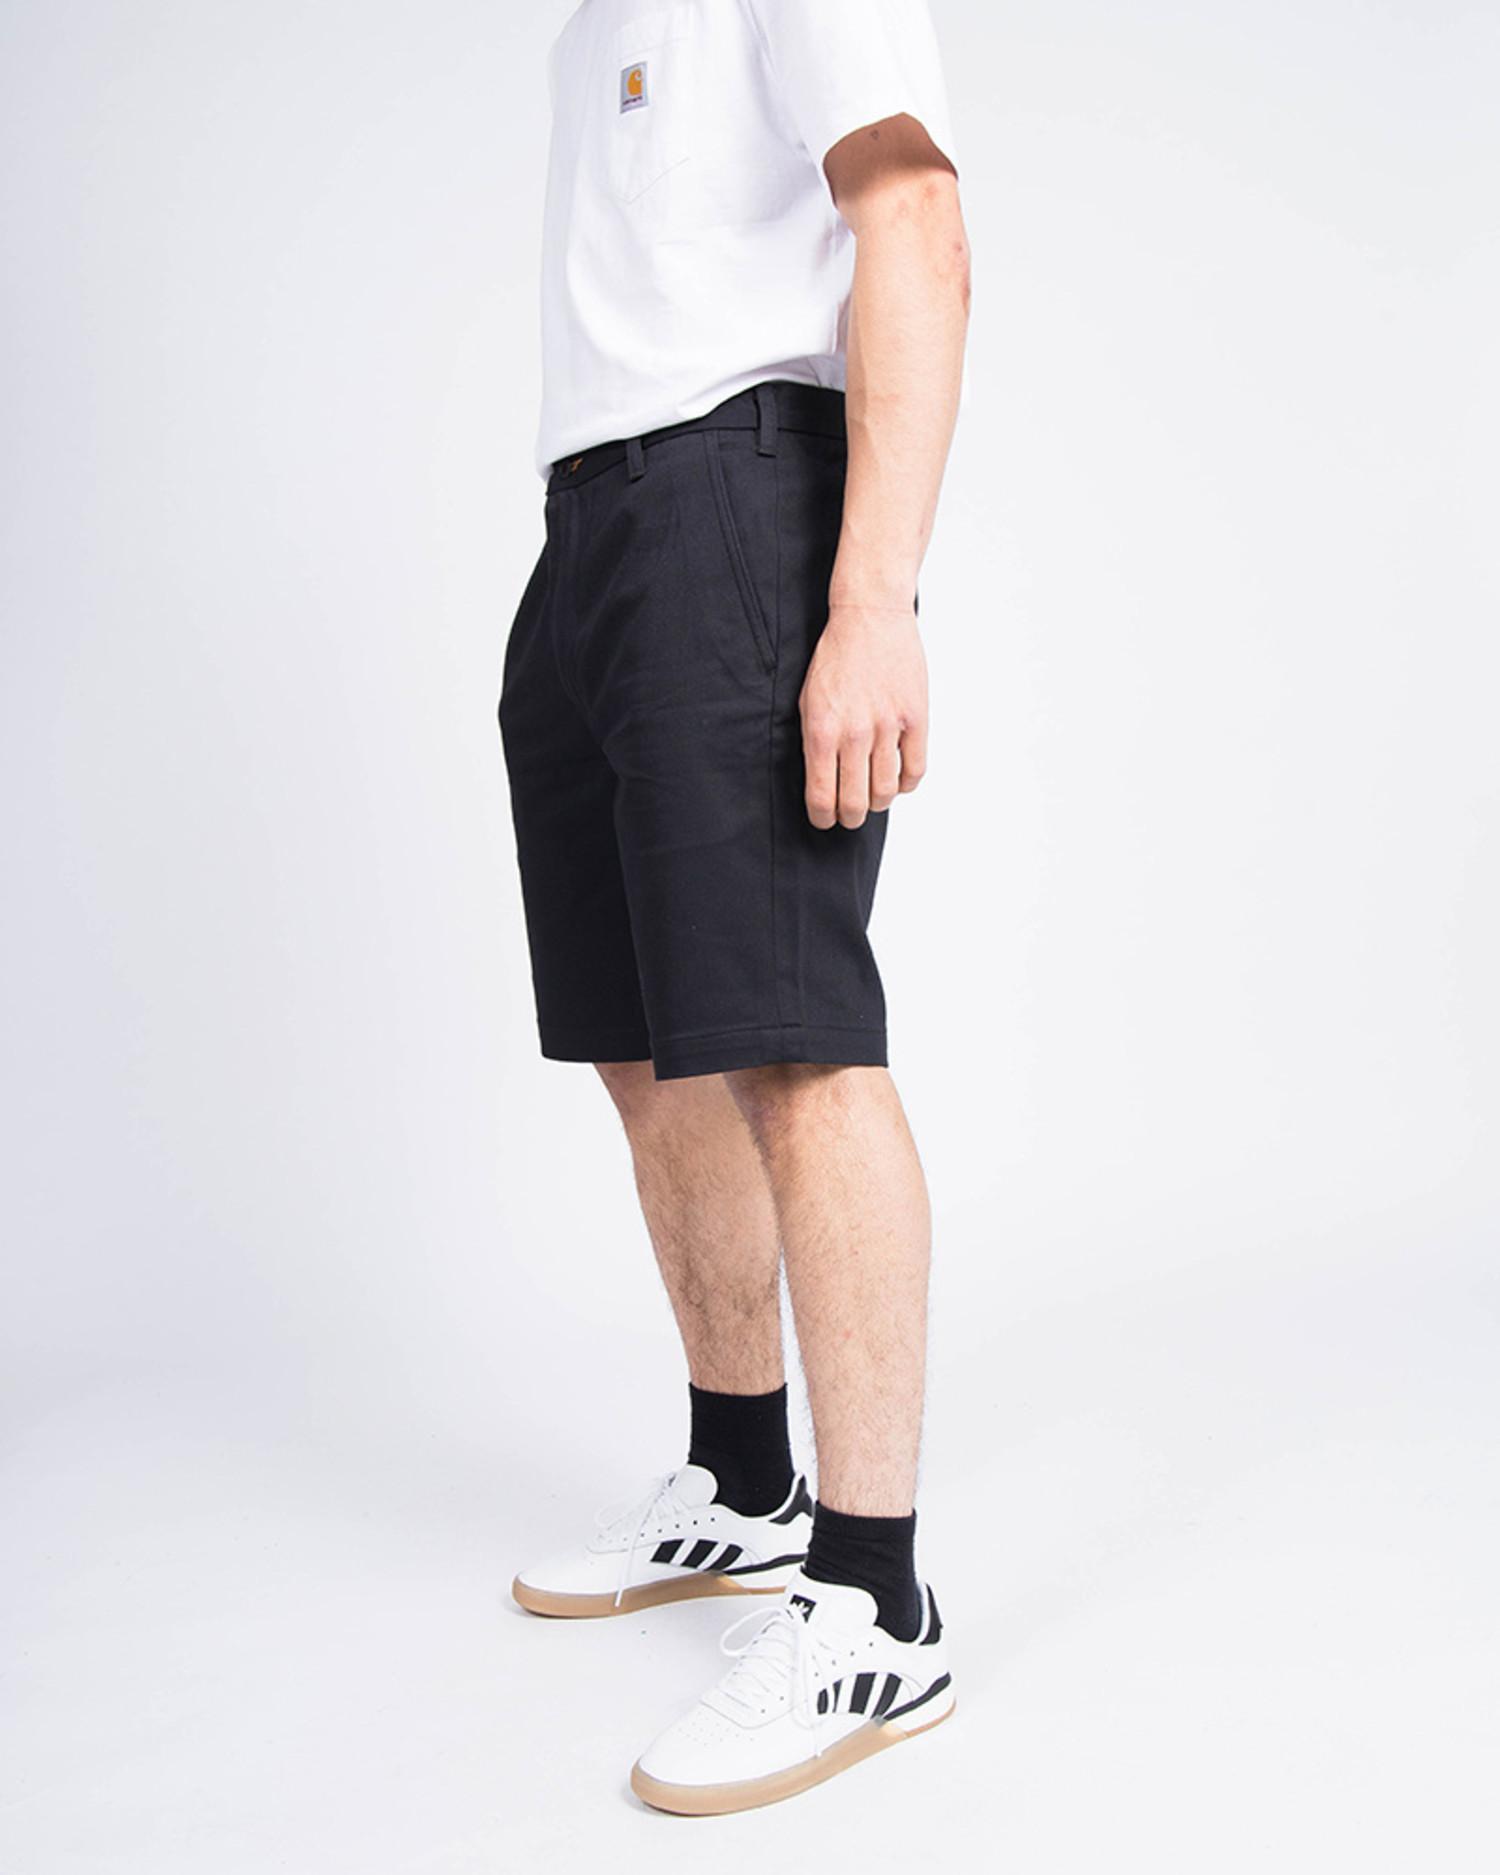 Levi's Skate Work Short SE Black Twill